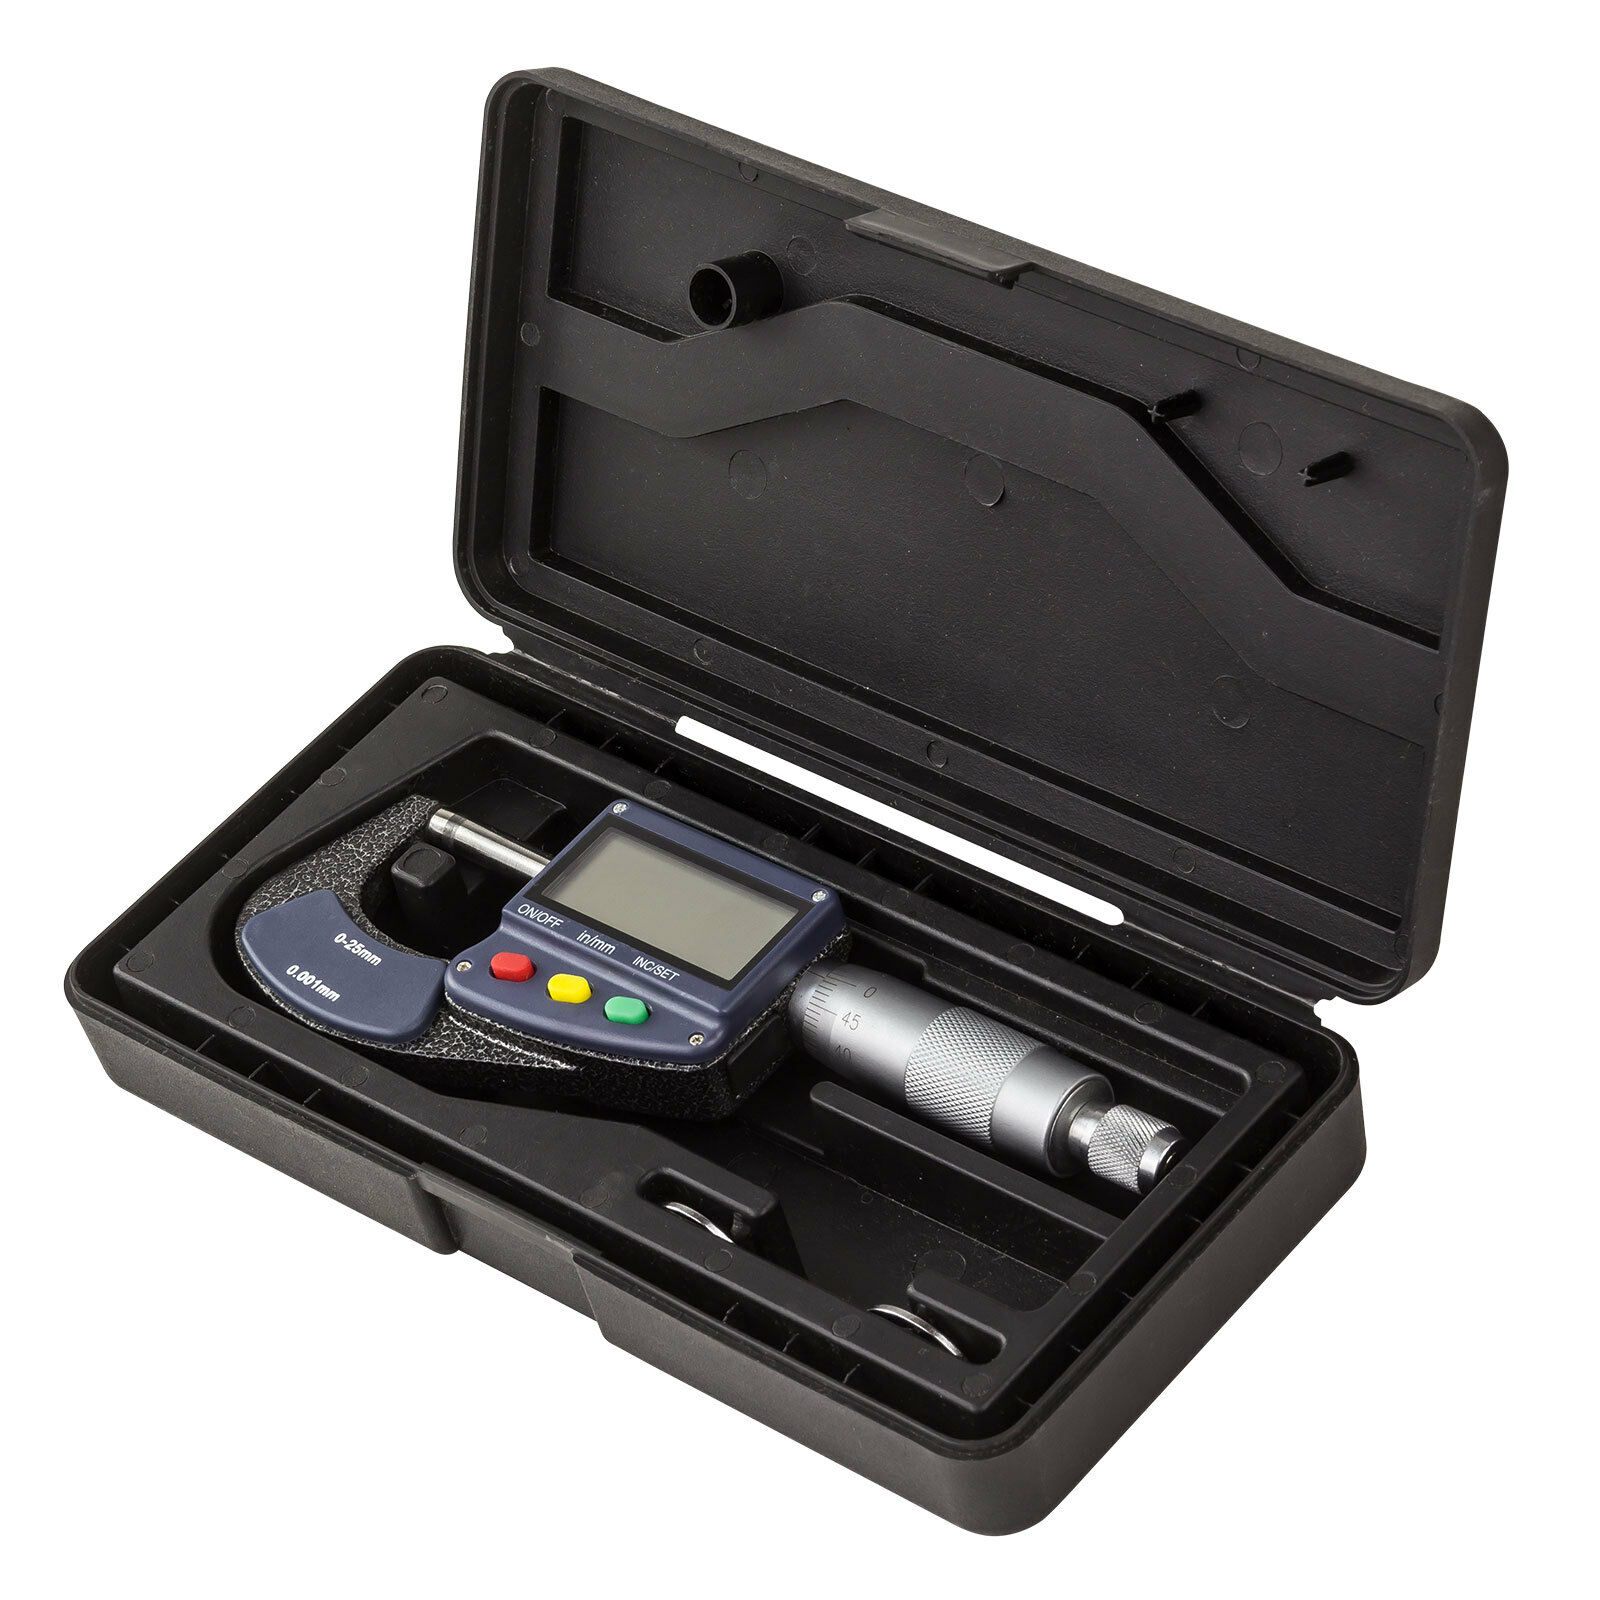 Digital Mikrometer Bügelmessschraube Messschraube Messwerkzeug 0-25 mm